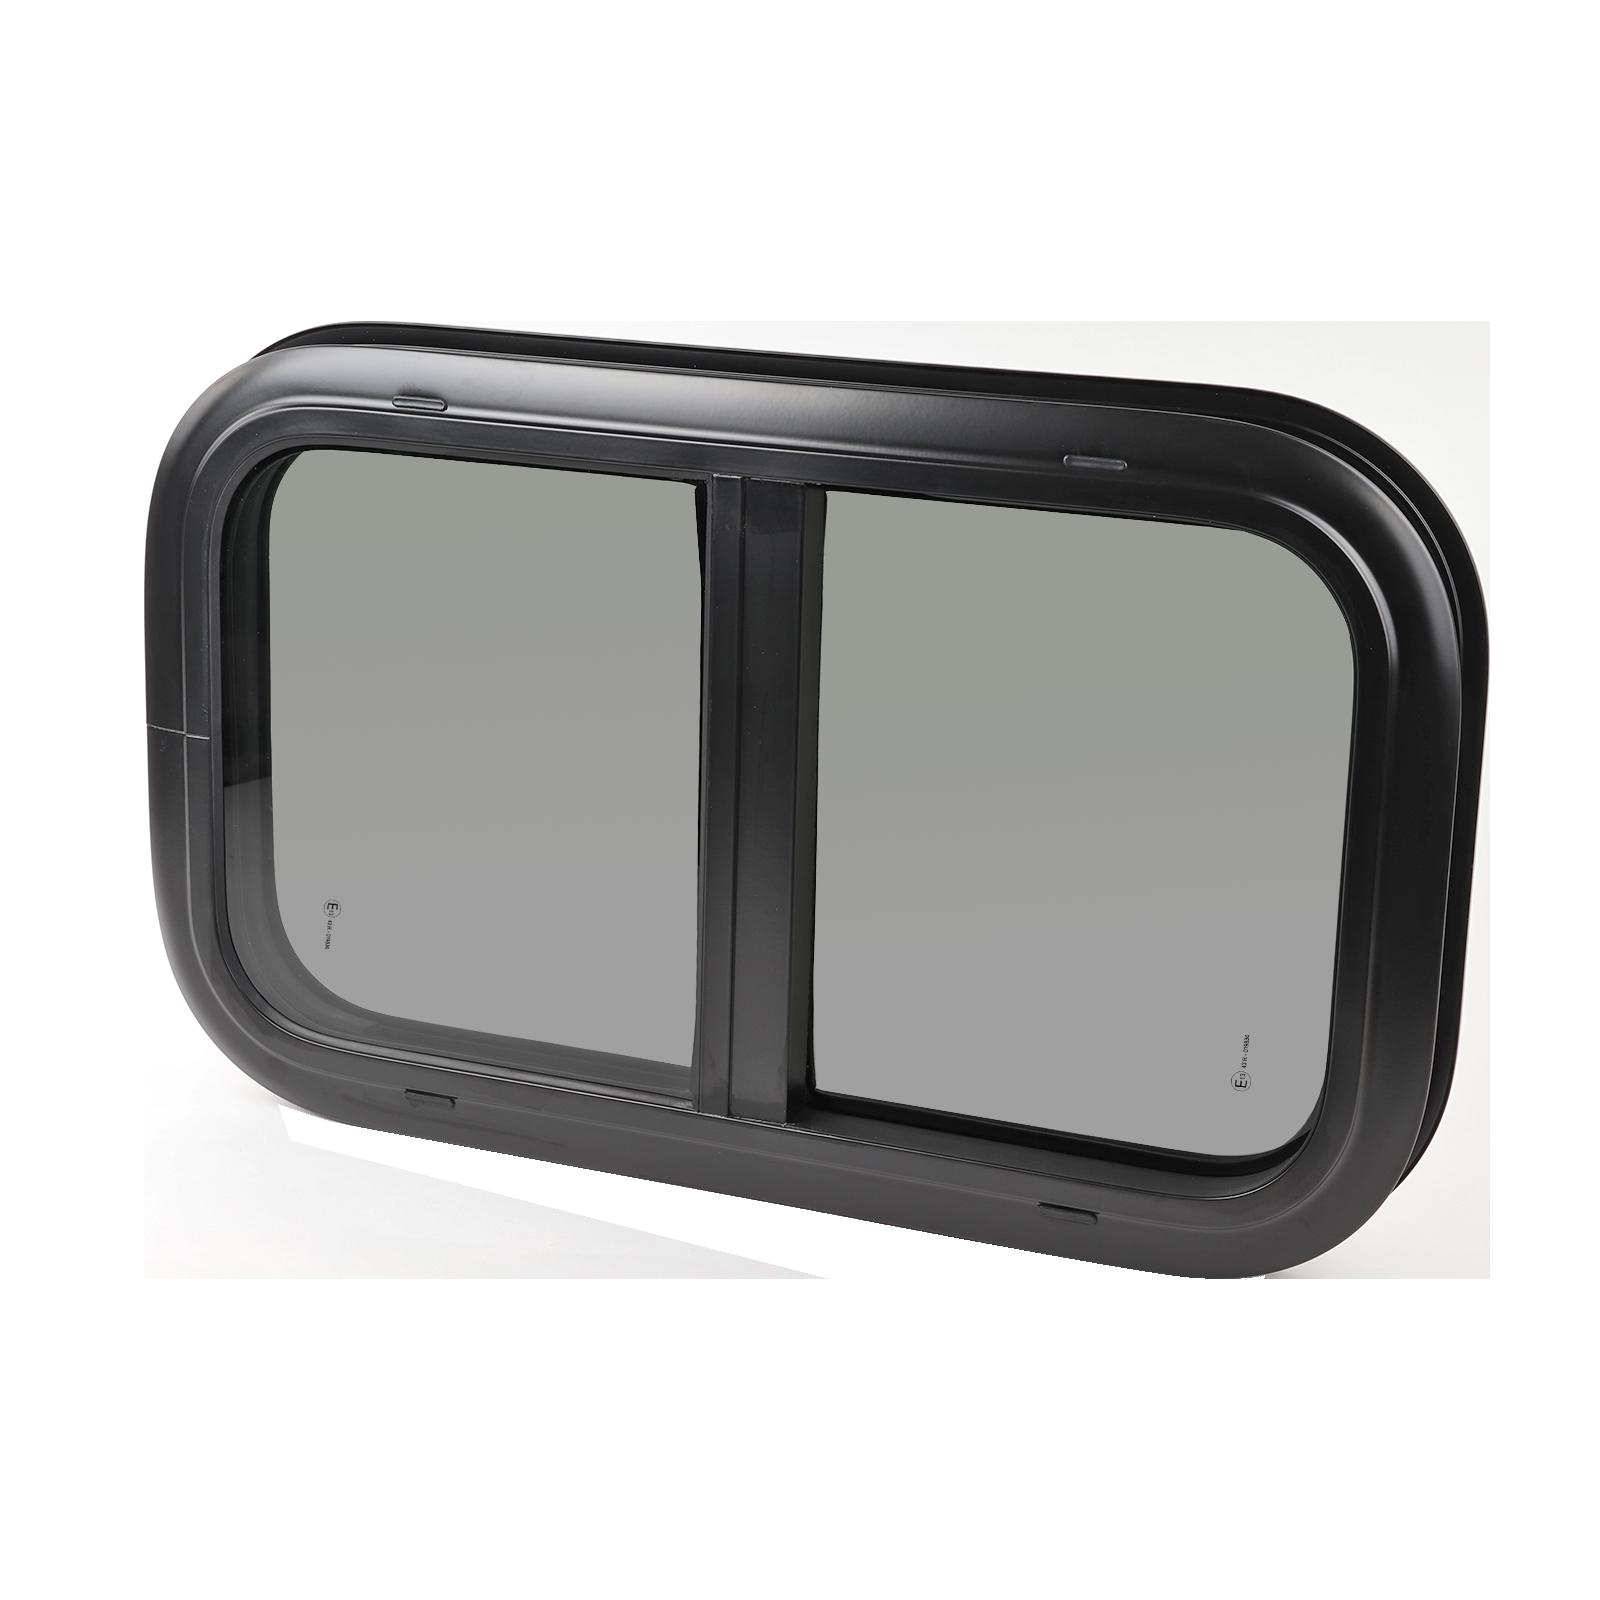 Schiebefenster Echtglas 600 x 350 Carbest Fenster RW Motion